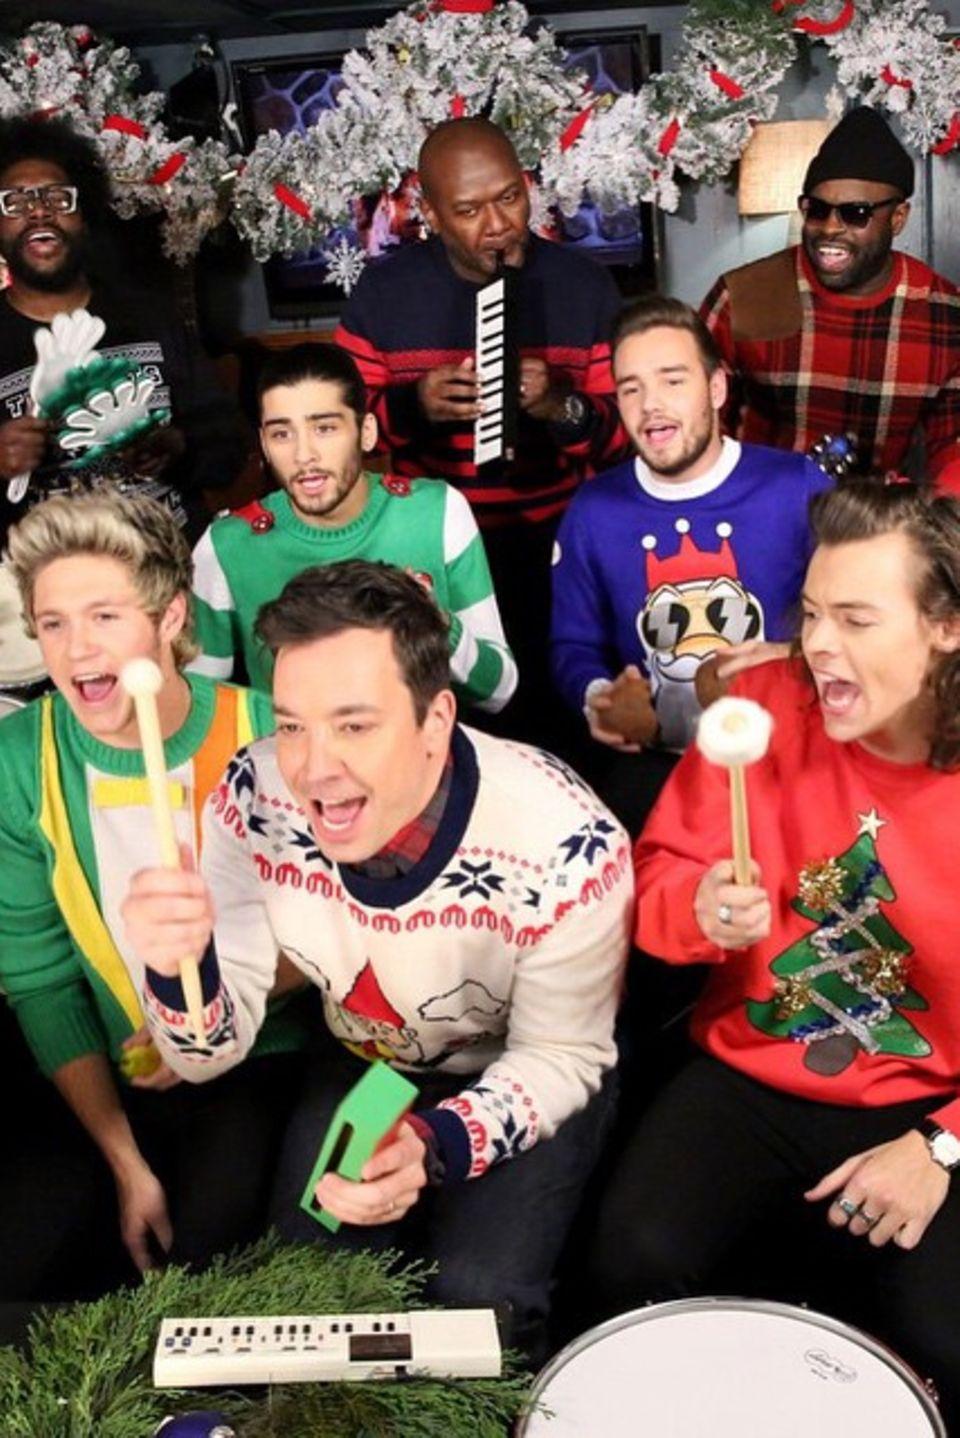 """Jimmy Fallon singt zusammen mit """"One Direction"""" und """"The Roots"""" Weihnachtslieder für die Zuschauer."""